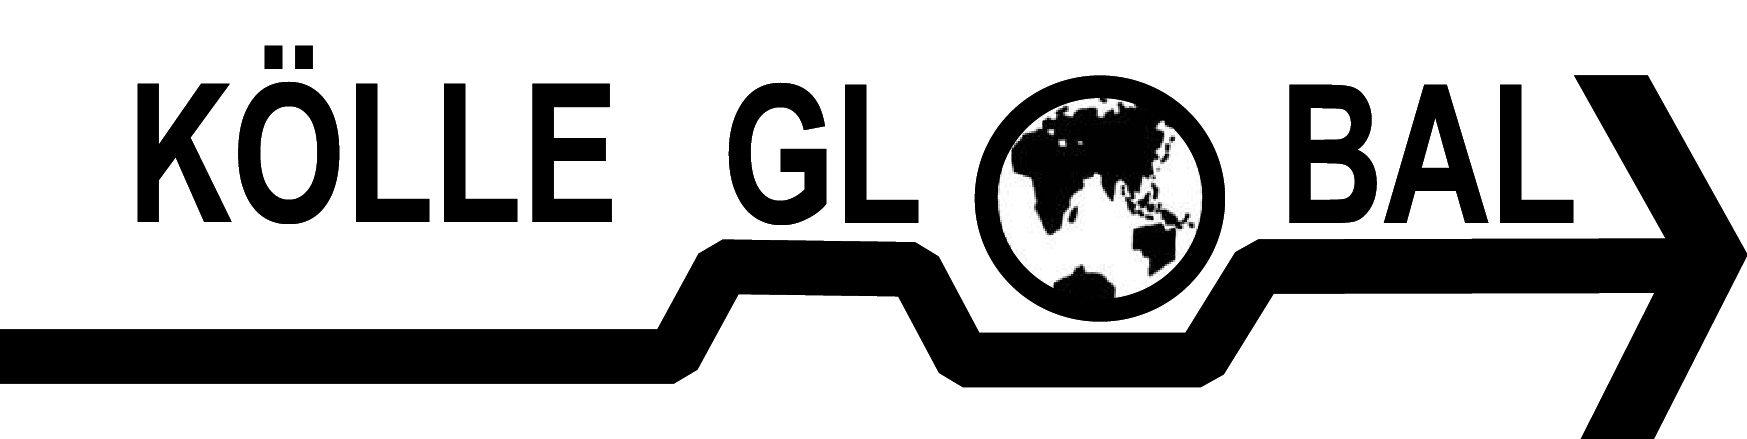 Koelle Global